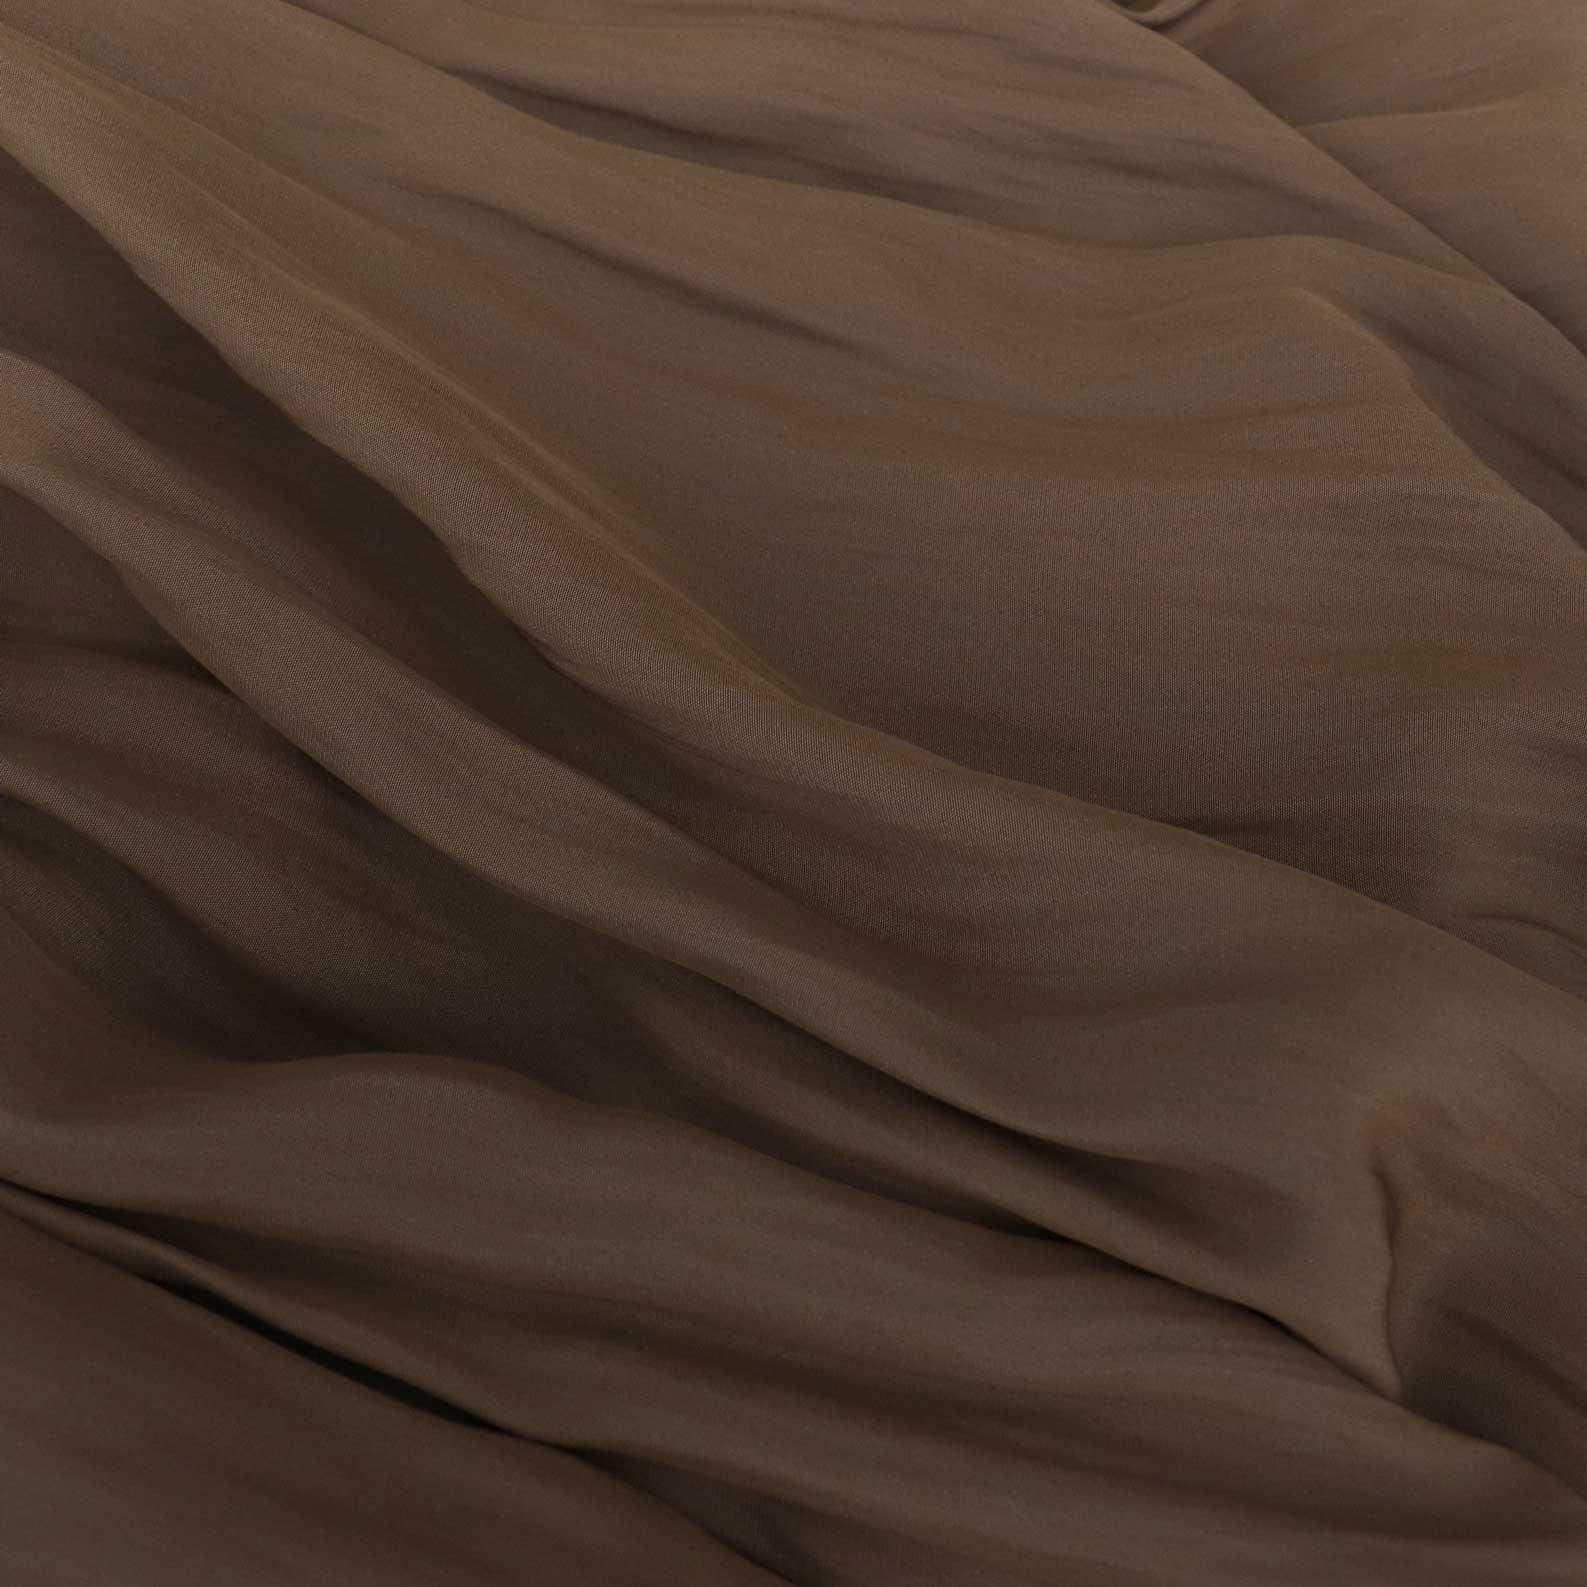 【動画付き】2020-21年秋冬新作 国内正規品 upper hights アッパーハイツ レディース ロング スタンドカラー ワンピース DAY upper hights デイ アッパーハイツ Elsa DARK TAUPE(ダークトープ)